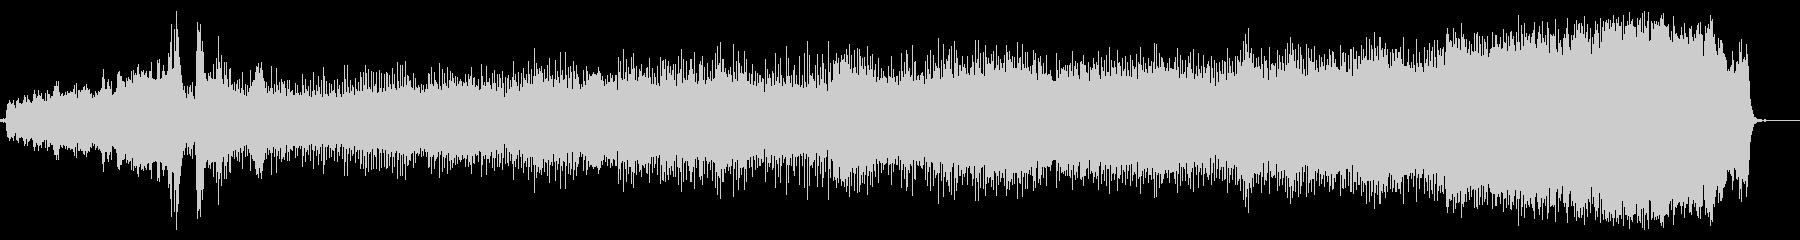 軽快なリズムのオーケストラ風の曲です。の未再生の波形